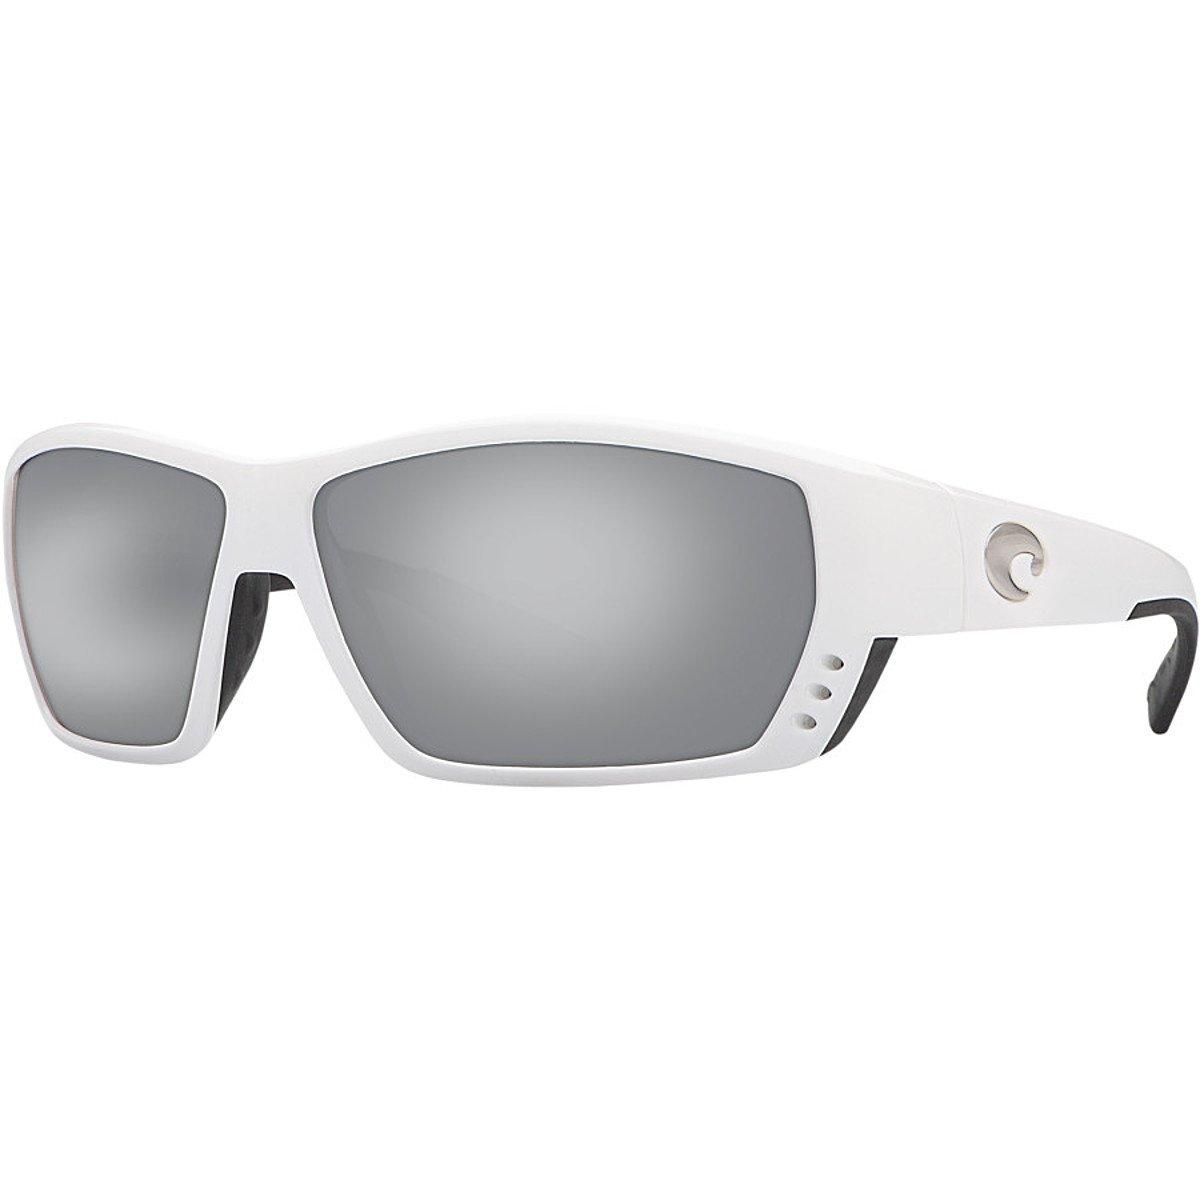 Costa Tuna Alley Polarized 580G Sunglasses White/Silver Mirror, One Size